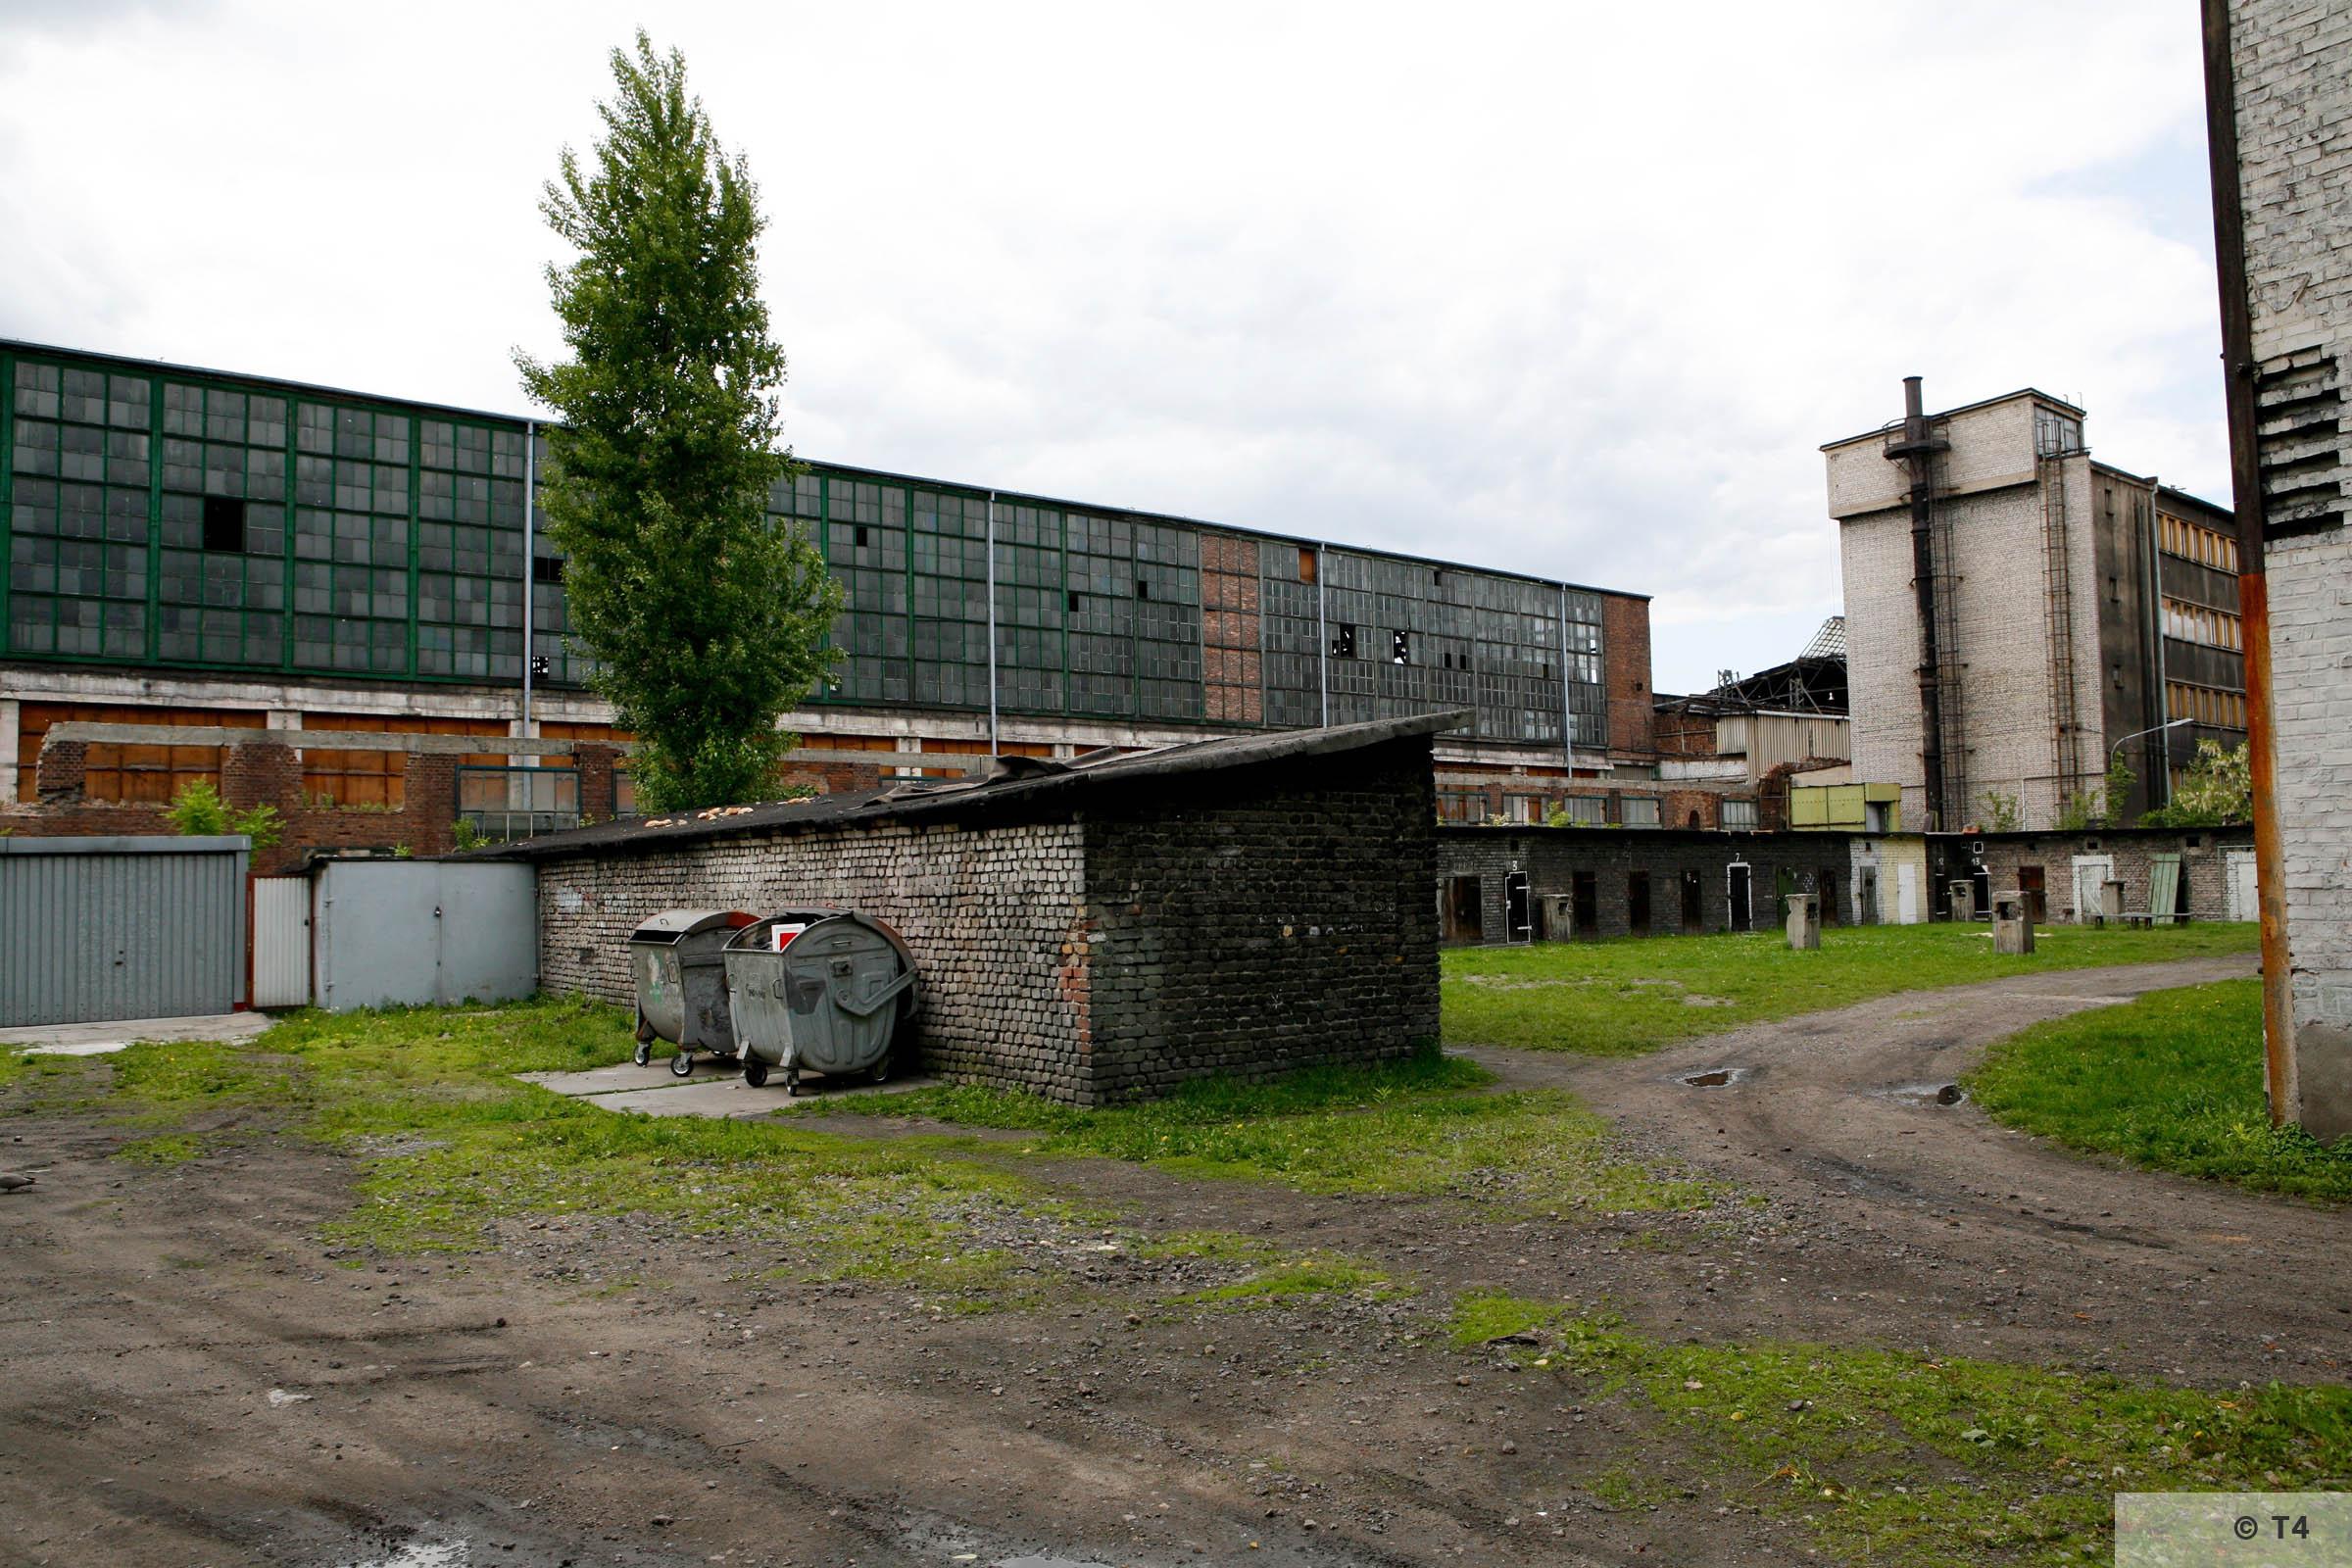 Zgoda steel plant. 2006 T4 6282